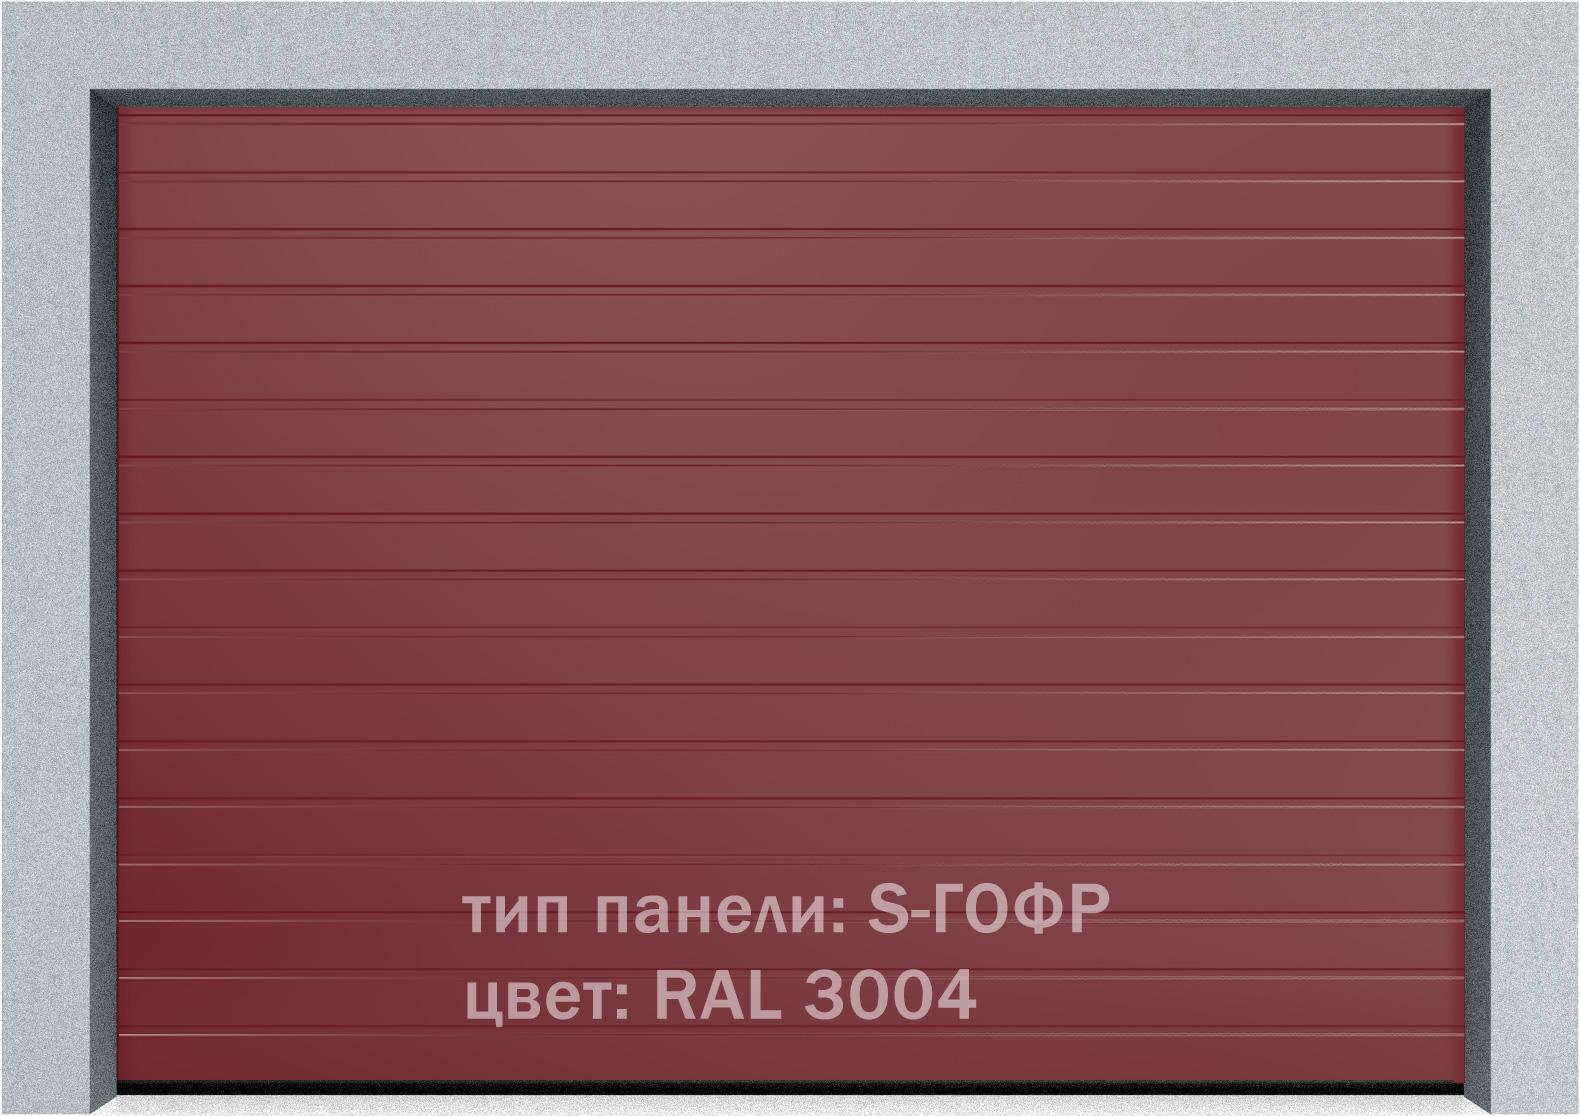 Секционные промышленные ворота Alutech ProTrend 2375х2375 S-гофр, Микроволна стандартные цвета, фото 5